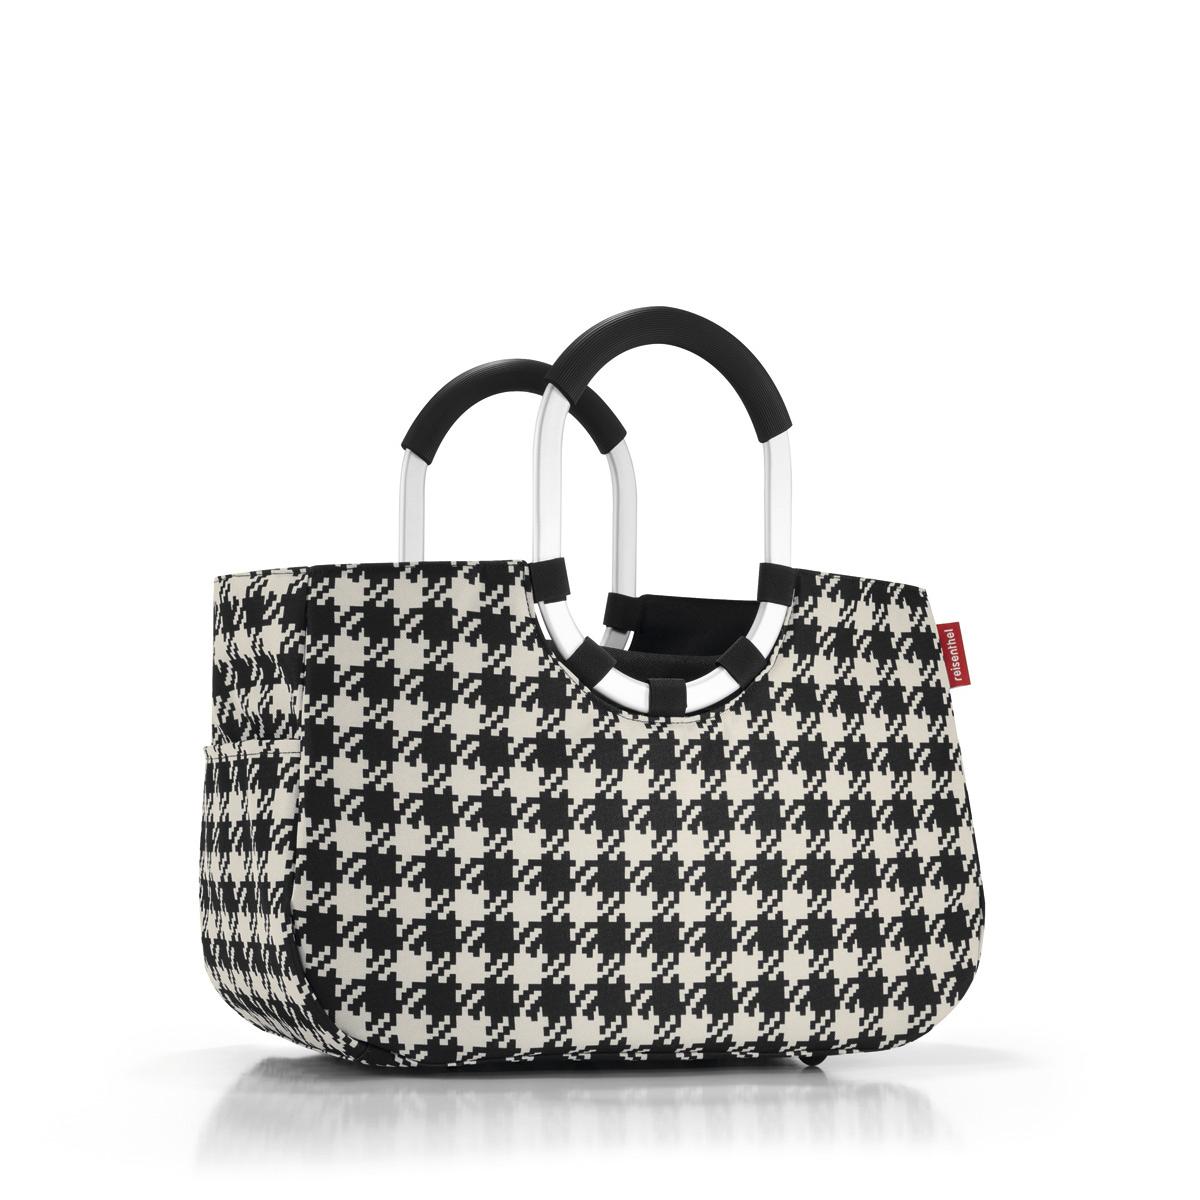 Сумка Reisenthel, цвет: черный. OS7028OS7028Элегантная шоппинг-сумка, которая выручит как в походе за продуктами, так и при сборах на дачу или на пикник. Ручки из прочного алюминия со специальным прорезиненным покрытием, очень удобно носить в руках. Внутри - карман, застегивающийся на молнию. Плюс два кармана снаружи, по бокам сумки. Так же есть съемная внутренняя сумочка с тремя отделениями (размер 23 х 28 х 8 см). Внутренний объем - 12 литров.